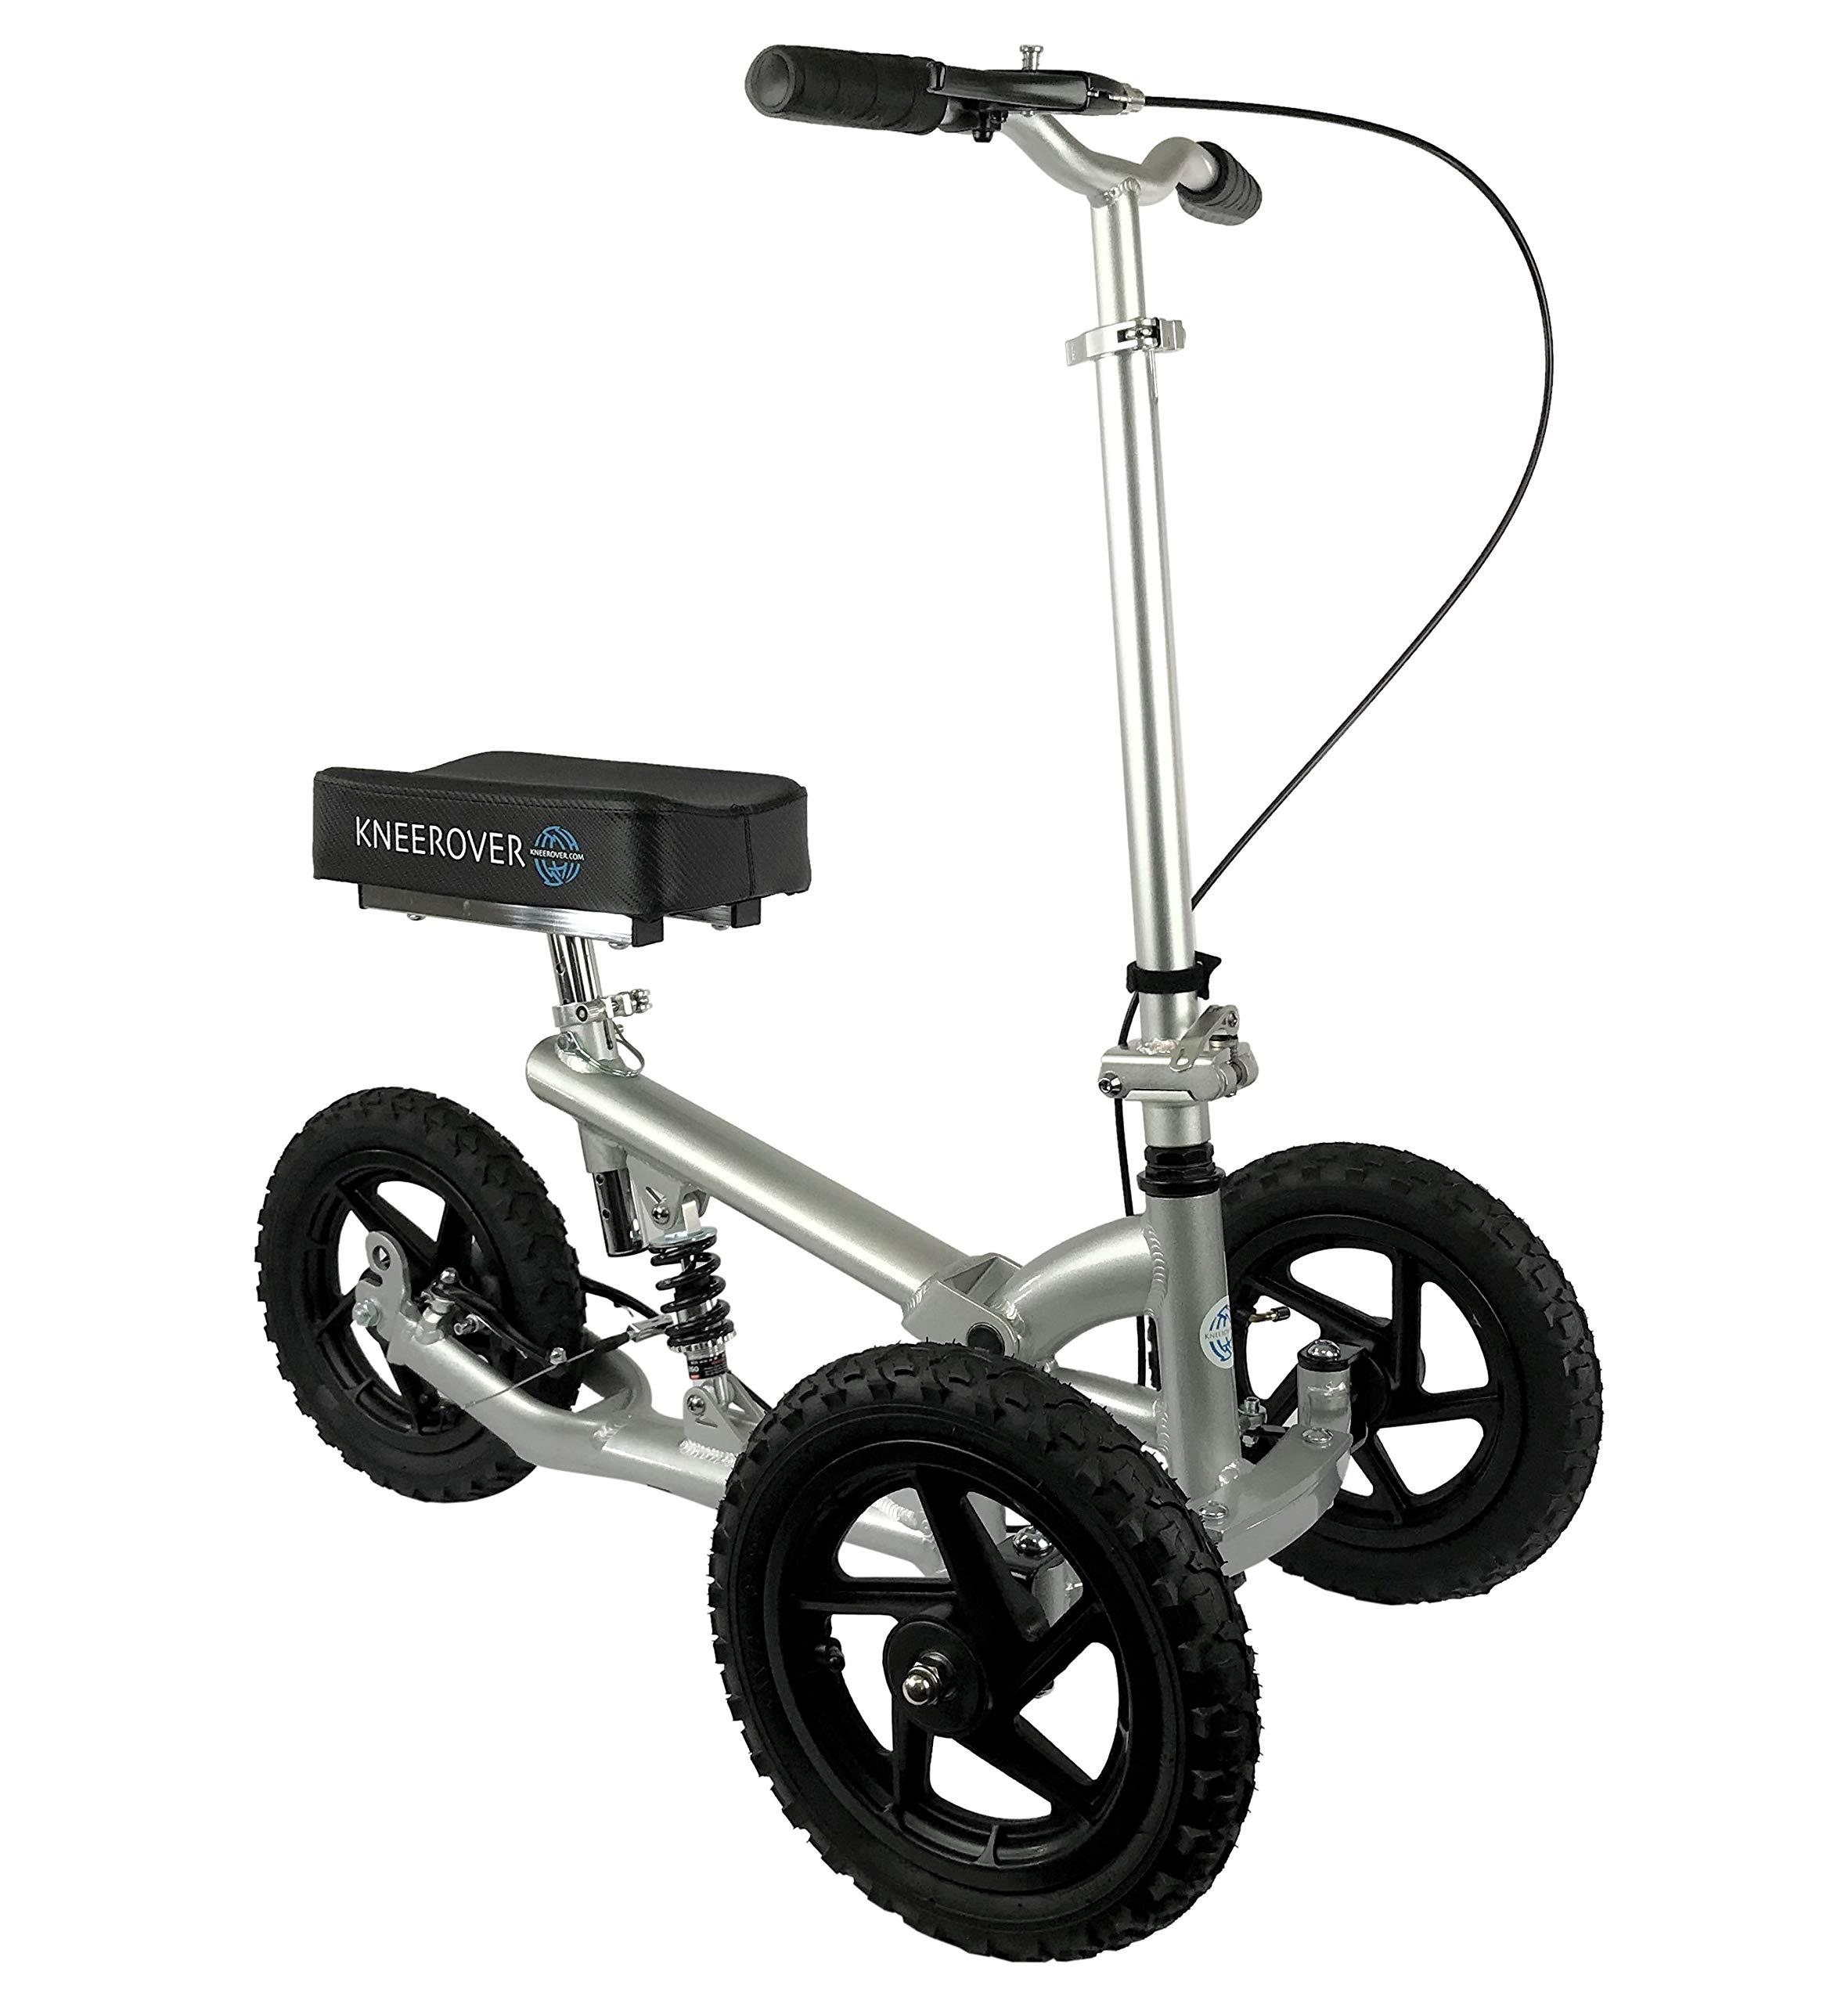 KneeRover PRO All Terrain Knee Scooter